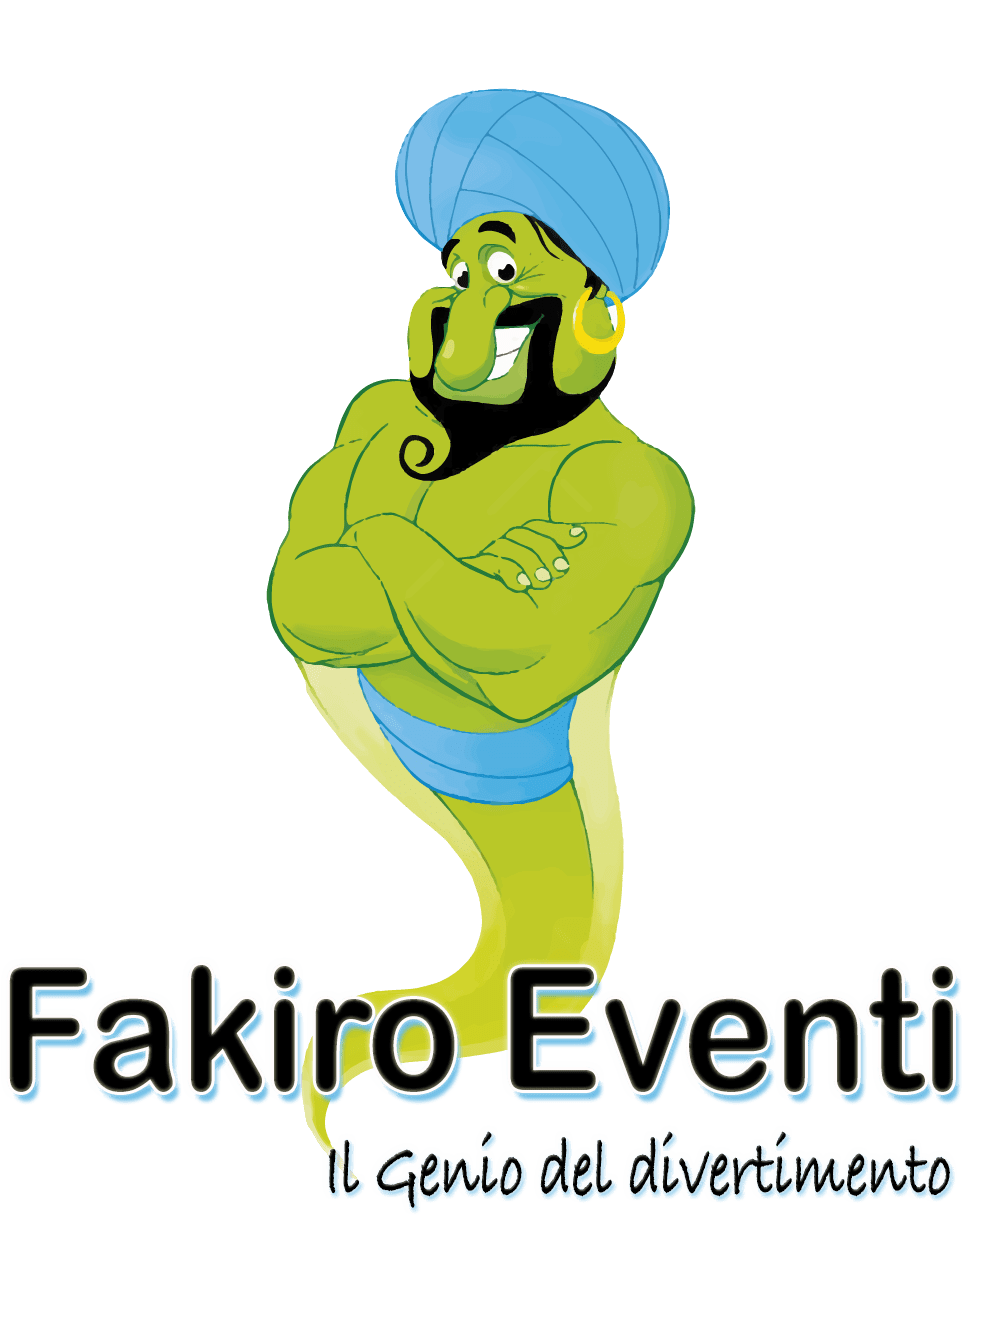 Fakiro Eventi